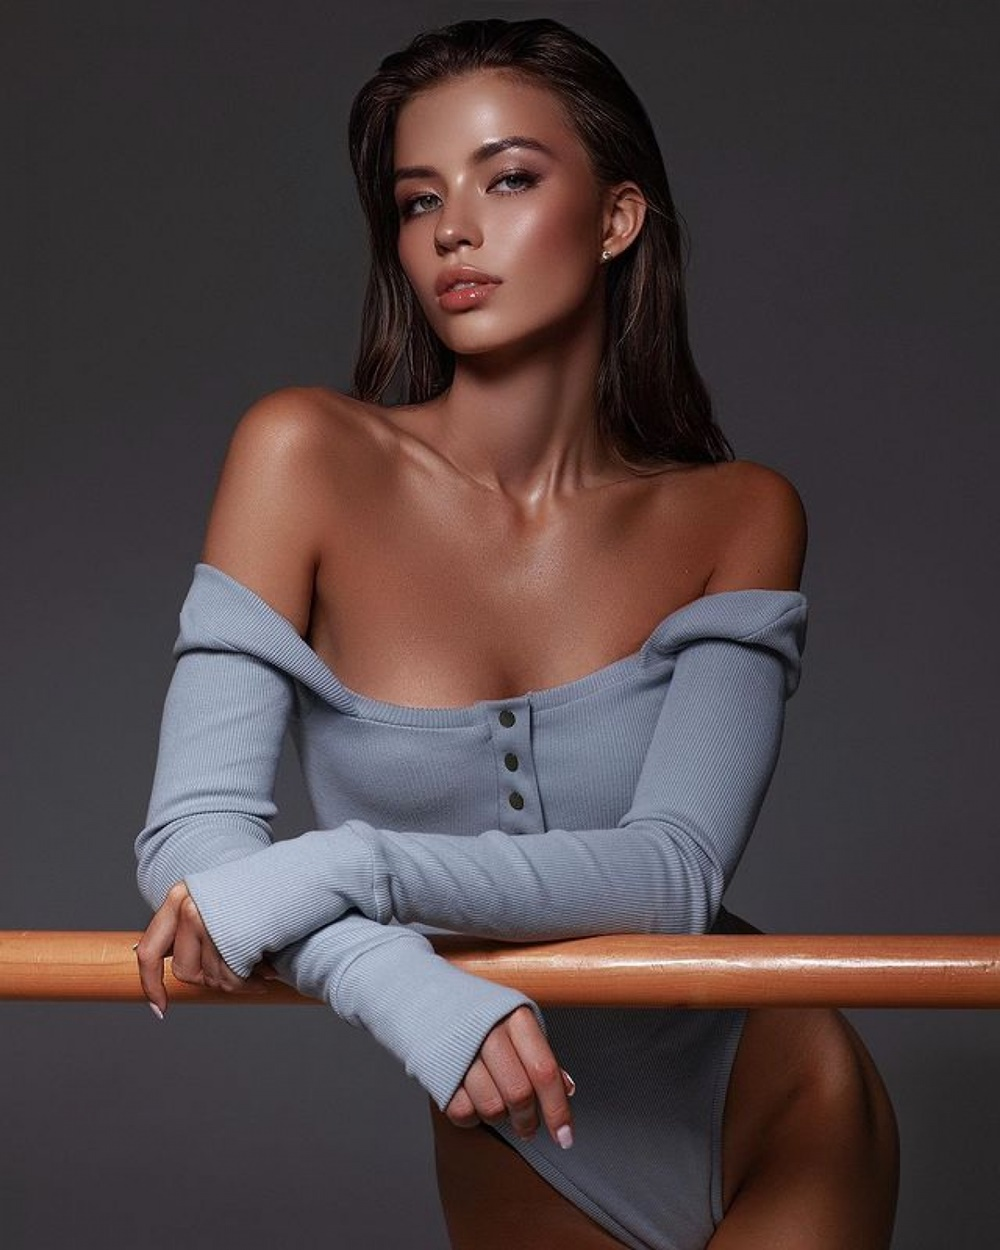 Ngỡ ngàng nhan sắc cô gái là hoa hậu mới của Nga, đẹp như tiên sa - ảnh 10